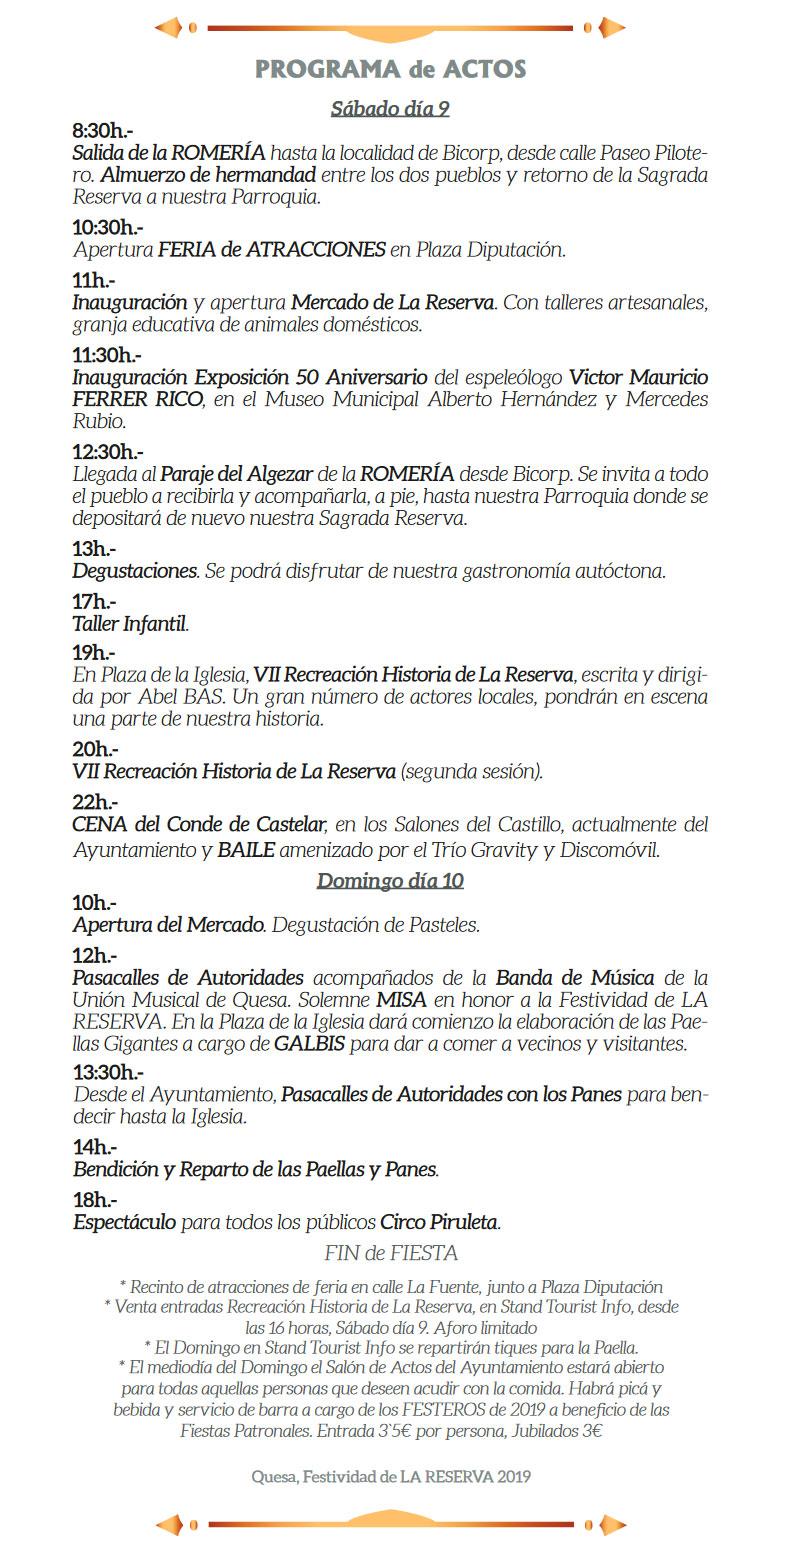 Fiesta de La Reserva en Quesa: programa 2019